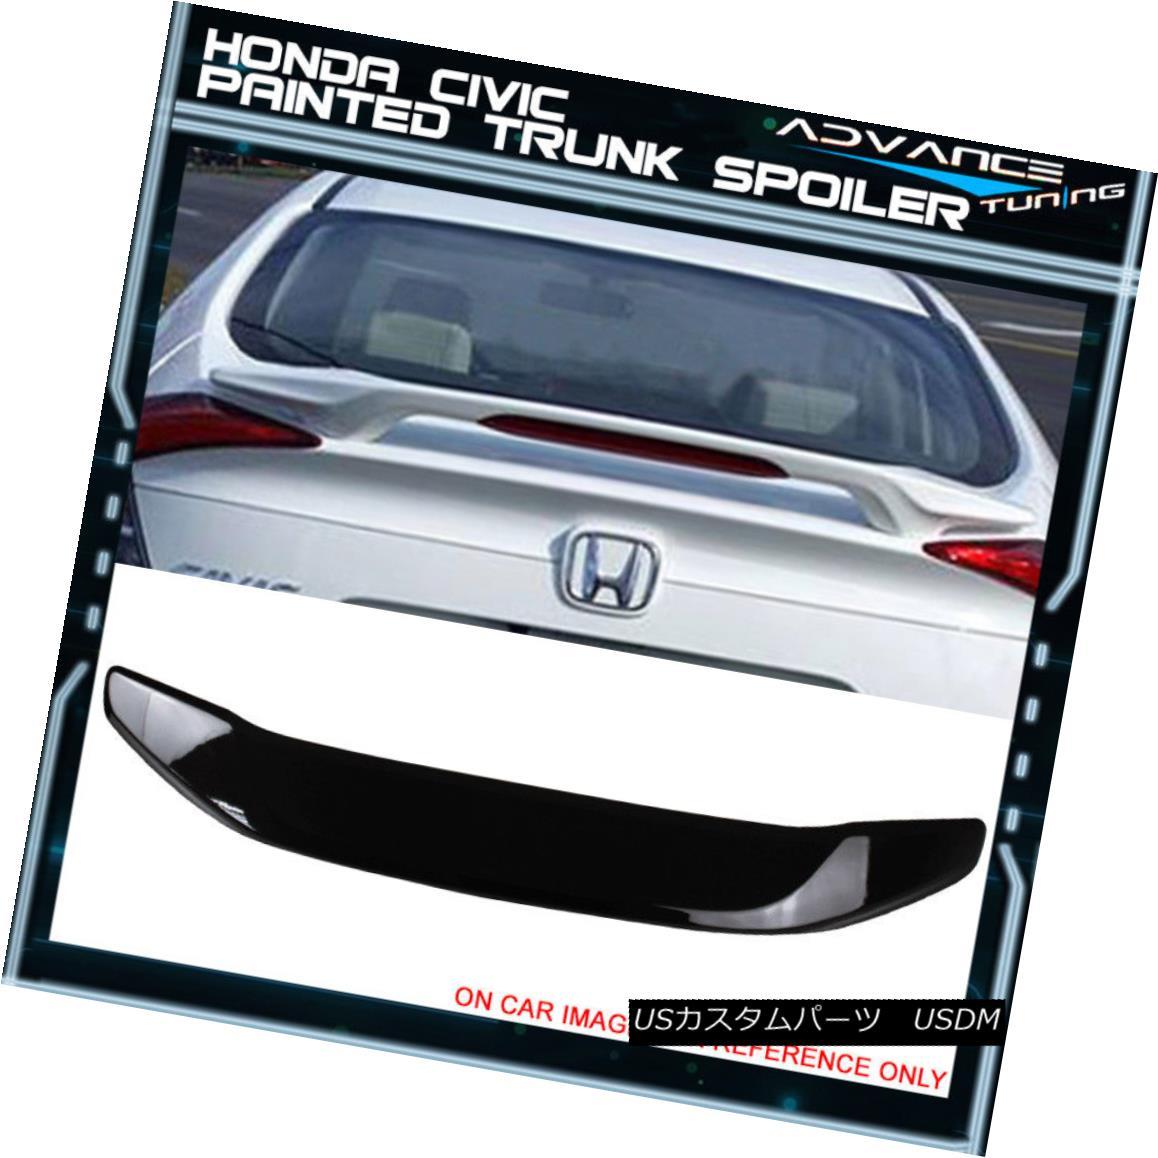 エアロパーツ 16-18 Civic Sedan Trunk Spoiler OEM Painted Color #R560P Burgundy Night Pearl 16-18シビックセダントランクスポイラーOEM塗装カラー#R560Pブルゴーニュナイトパール